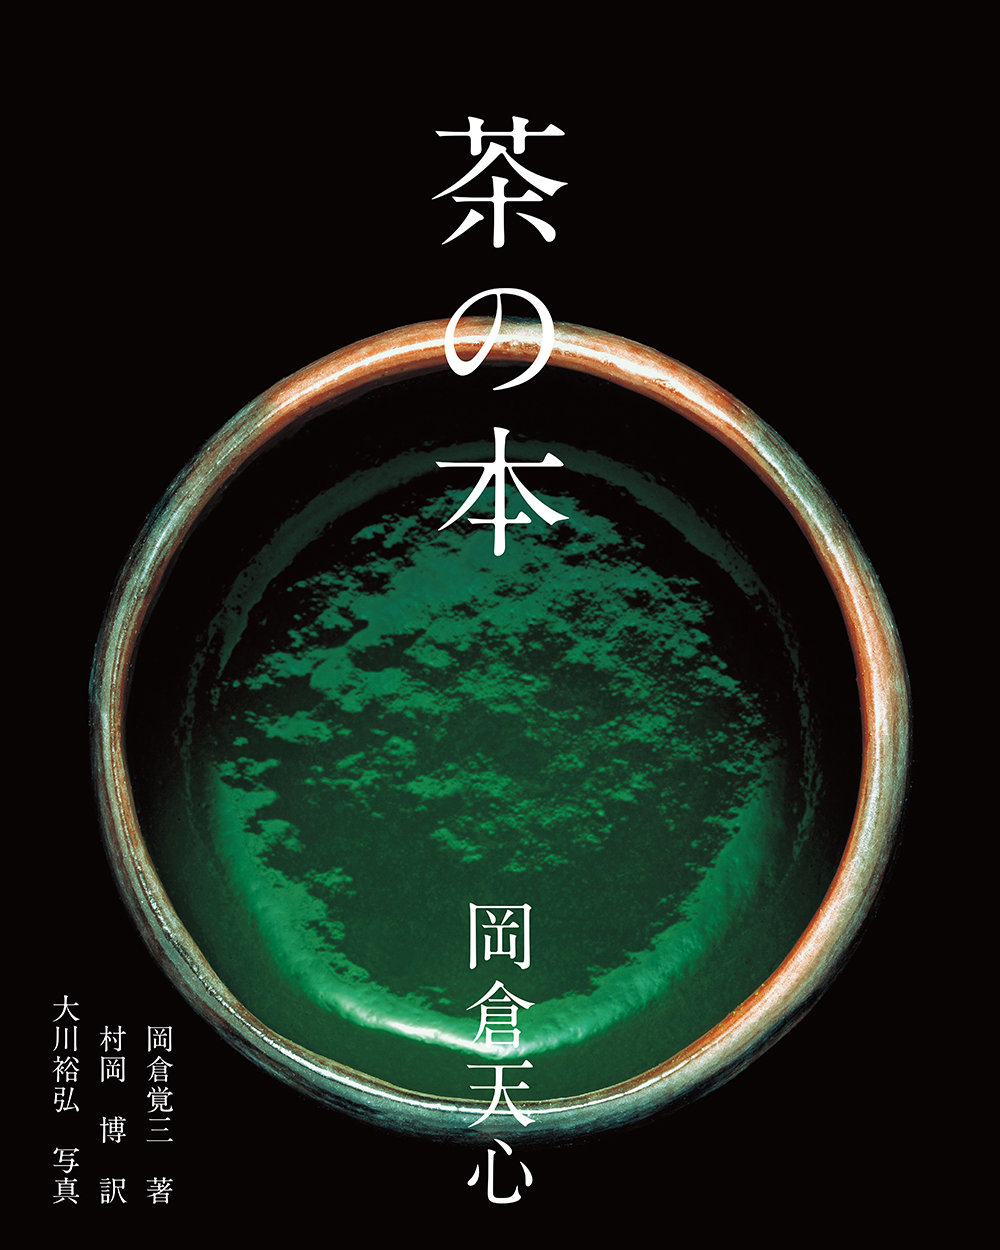 """名著初のビジュアルブック化!""""美のカリスマ""""岡倉天心が世界にアピールした日本人の本当の美意識。『茶の本』発売中"""